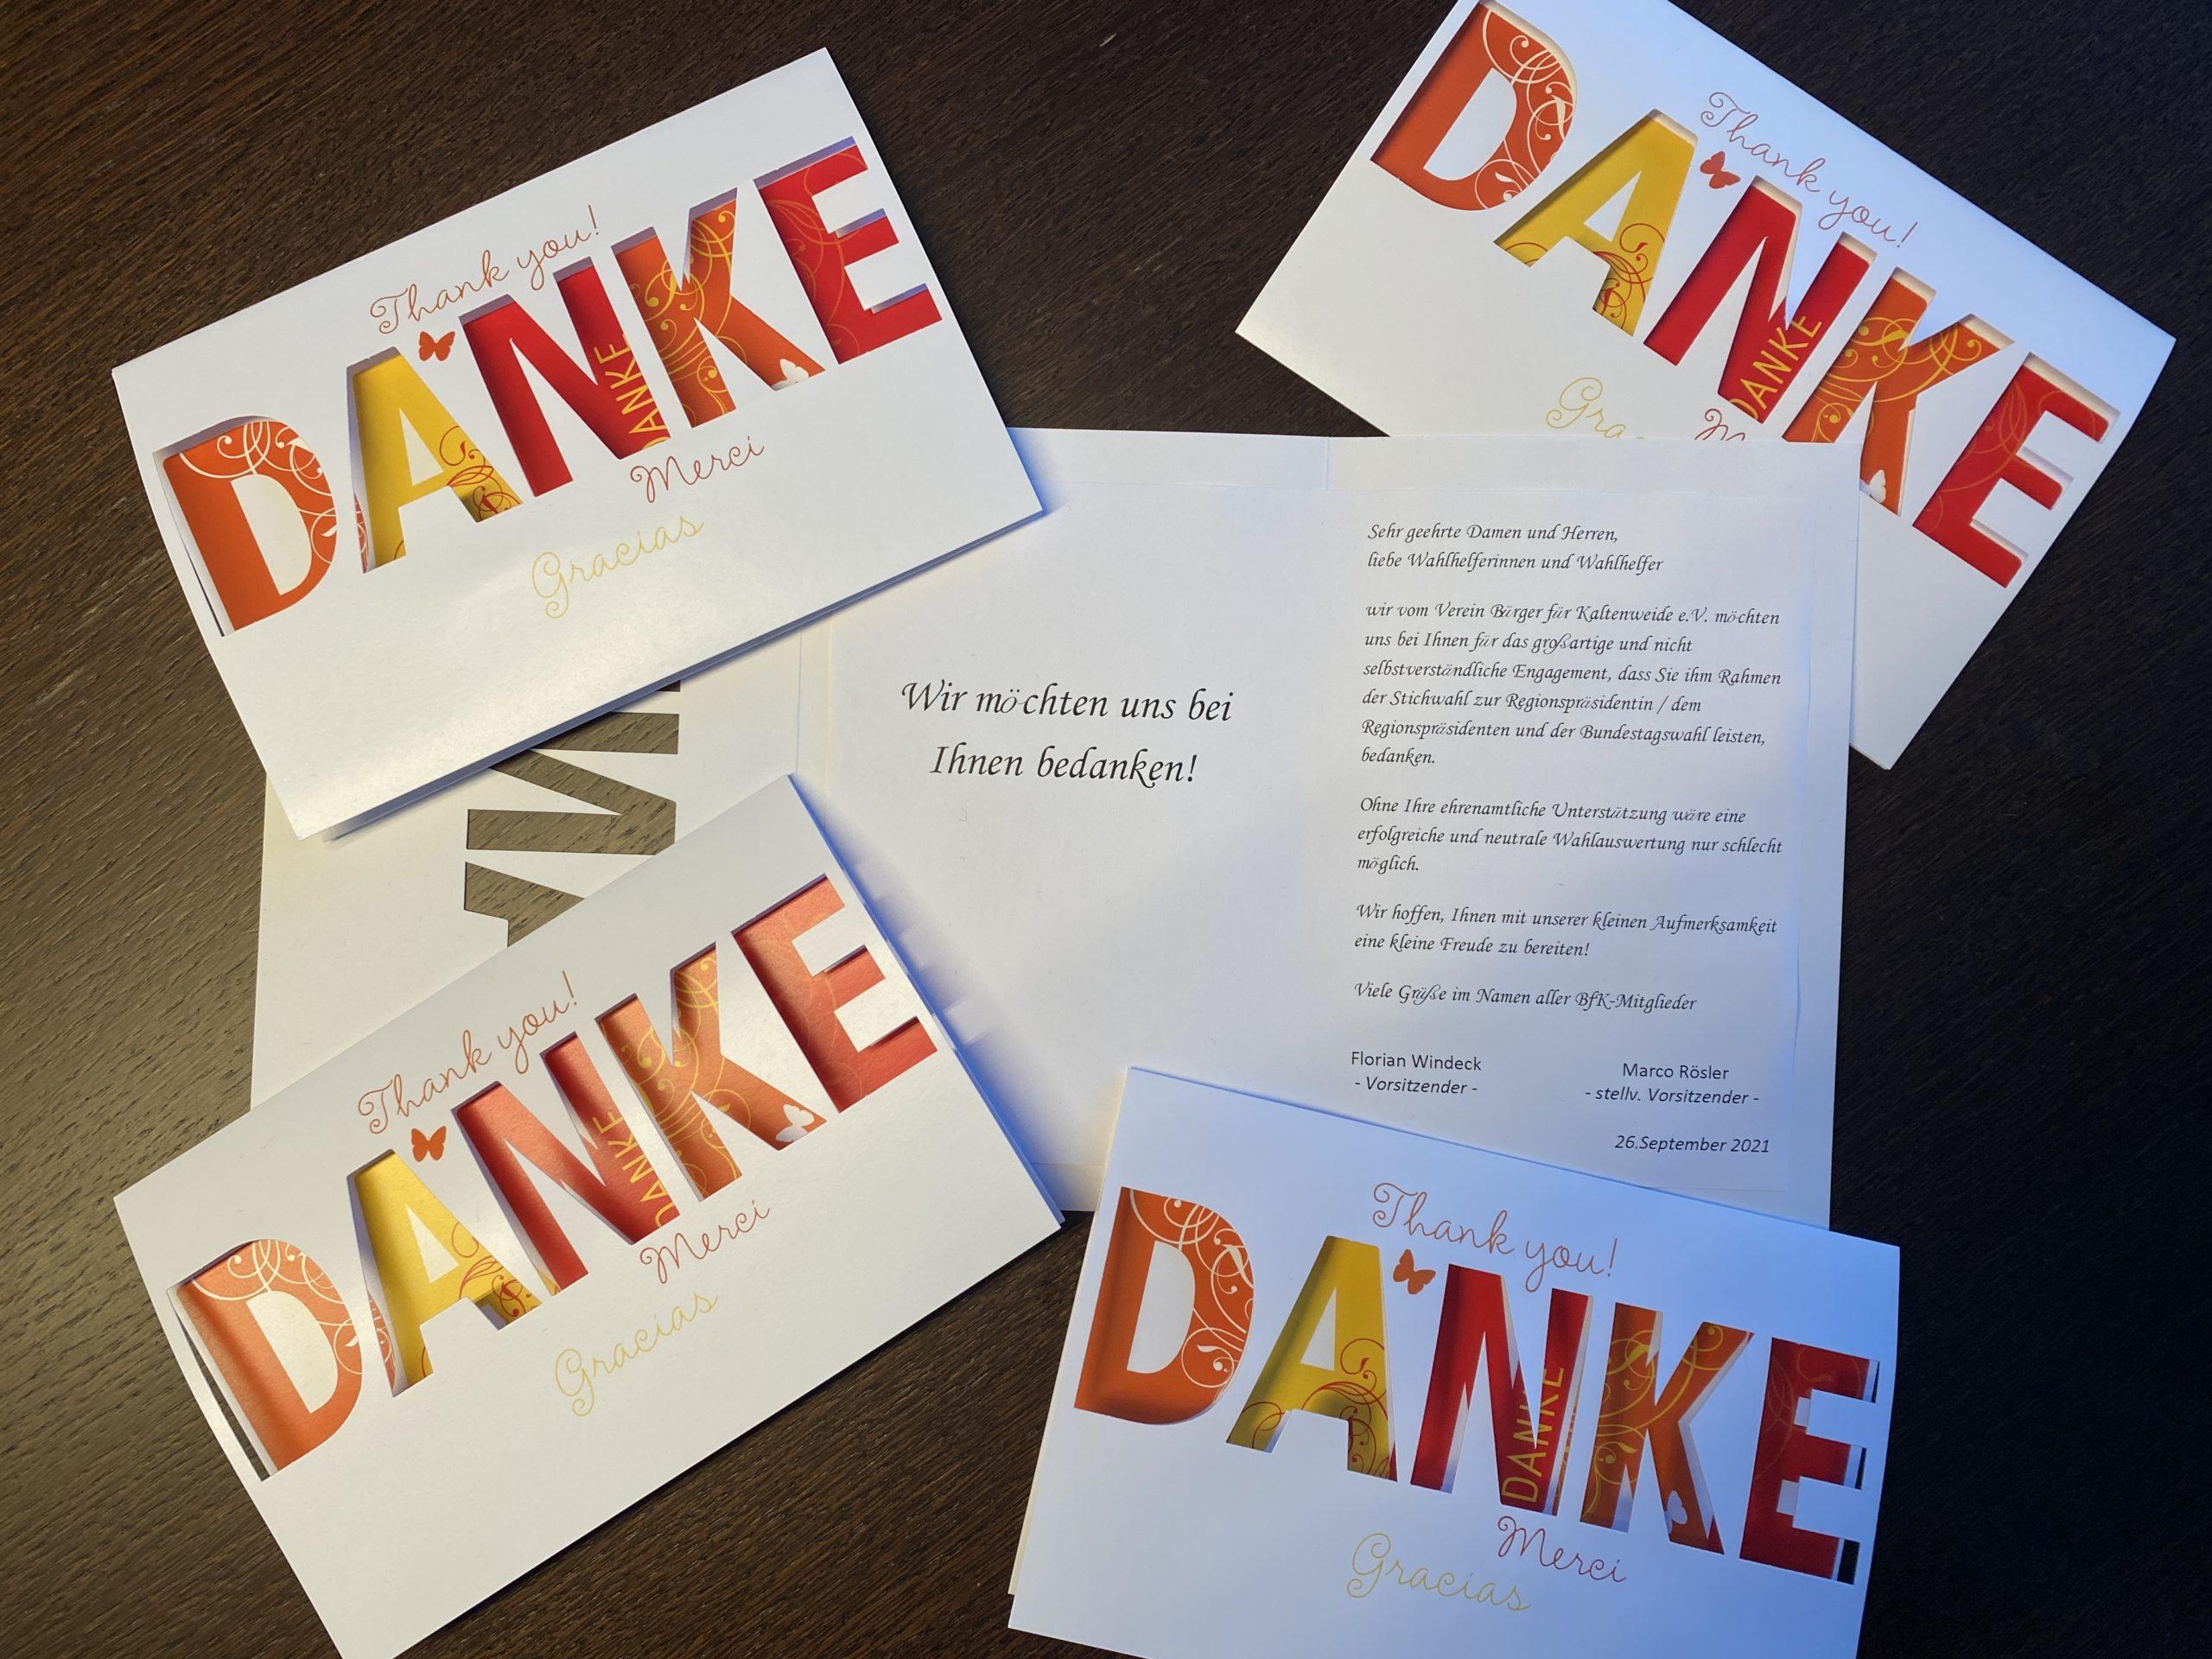 Dankeschön für Kaltenweider Wahlhelferinnen und Wahlhelfer